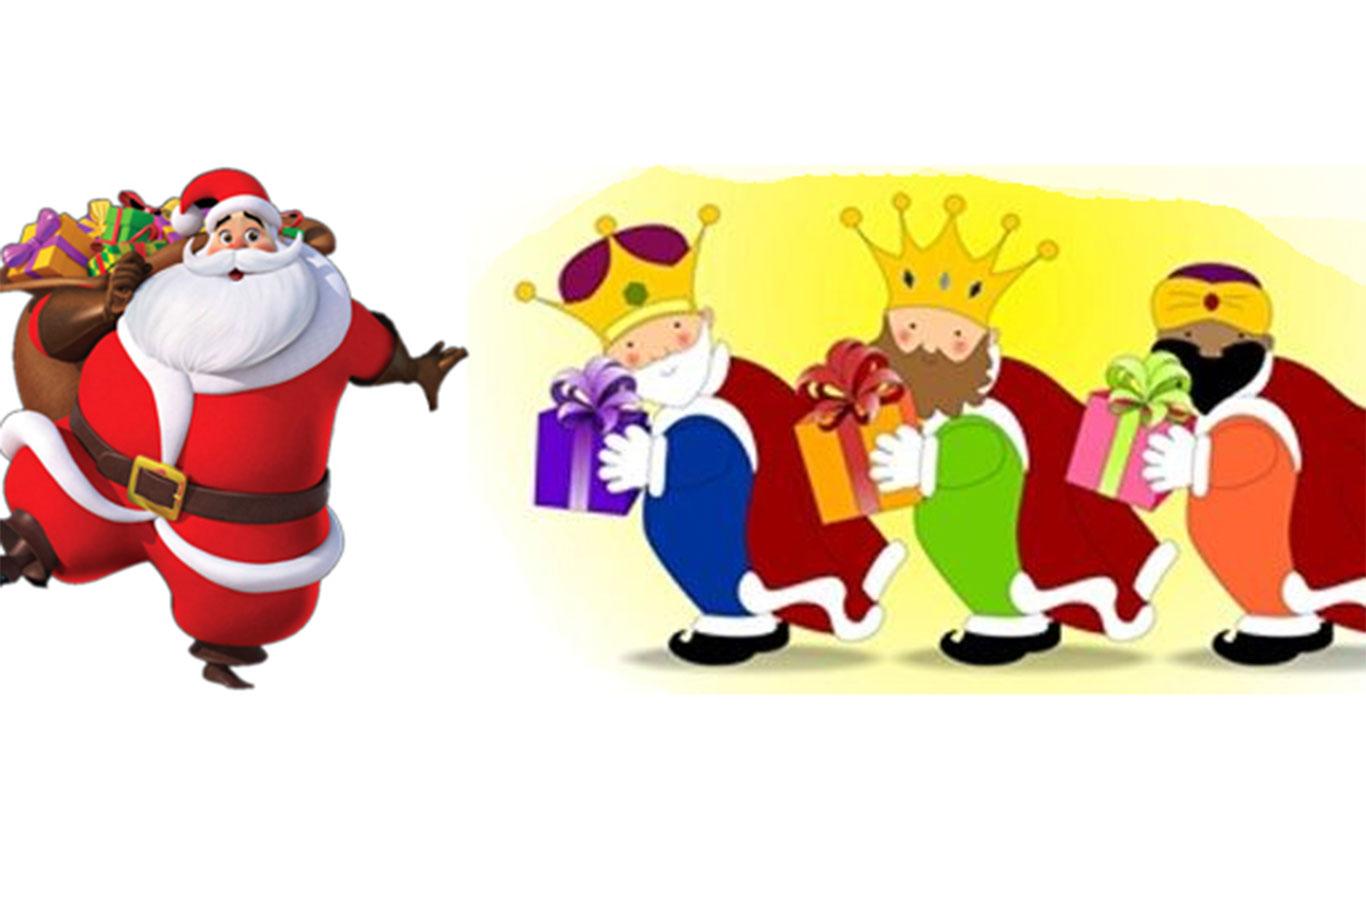 Fotos Papa Noel Reyes Magos.Santa Claus Vs Los Reyes Magos Dream Alcala